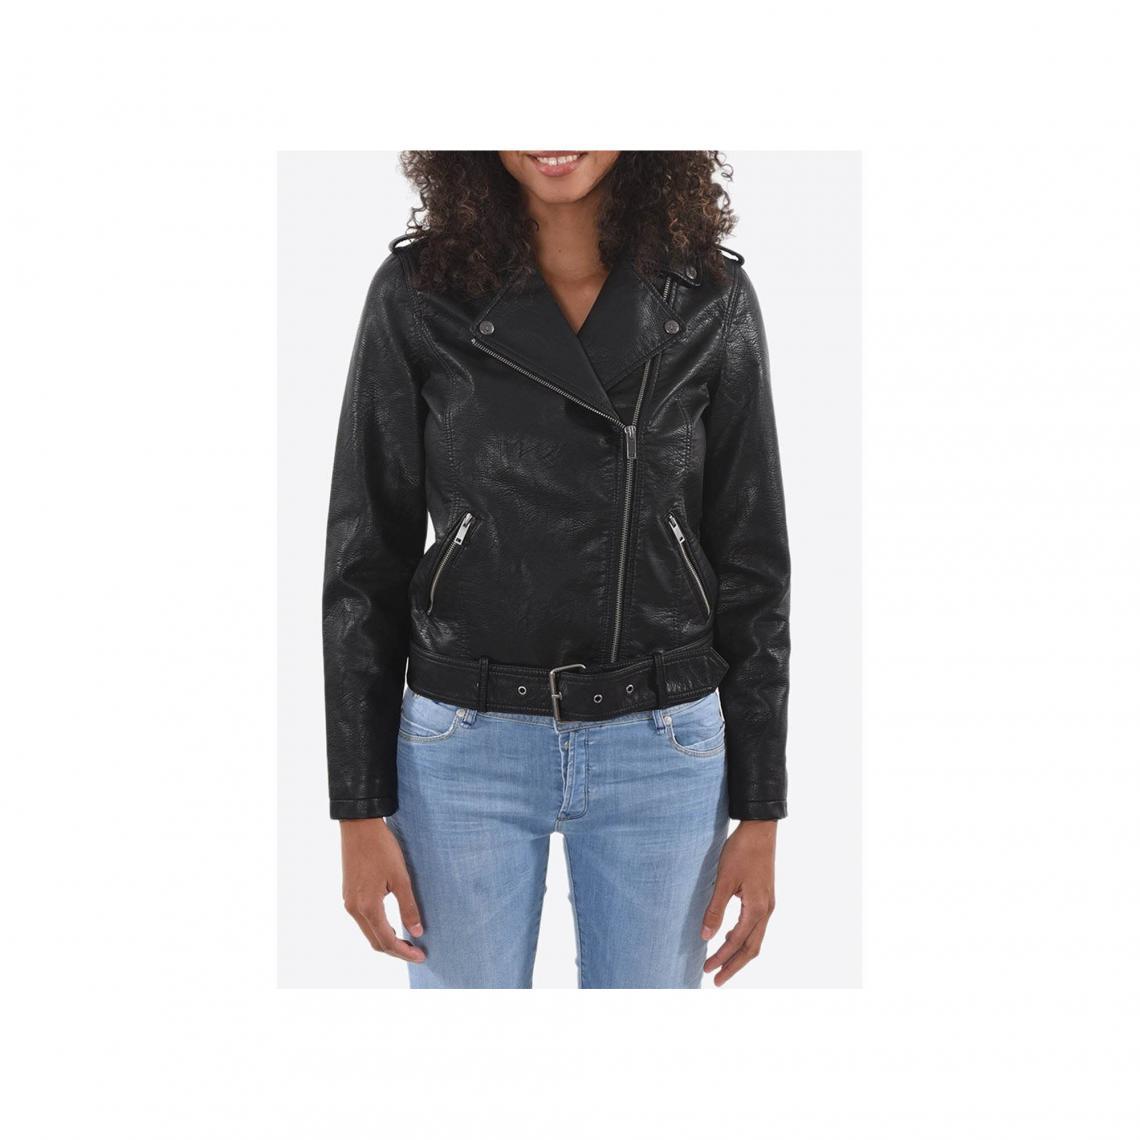 Veste zippée femme Kaporal - Noir Kaporal 5 Femme 9791c884d22c